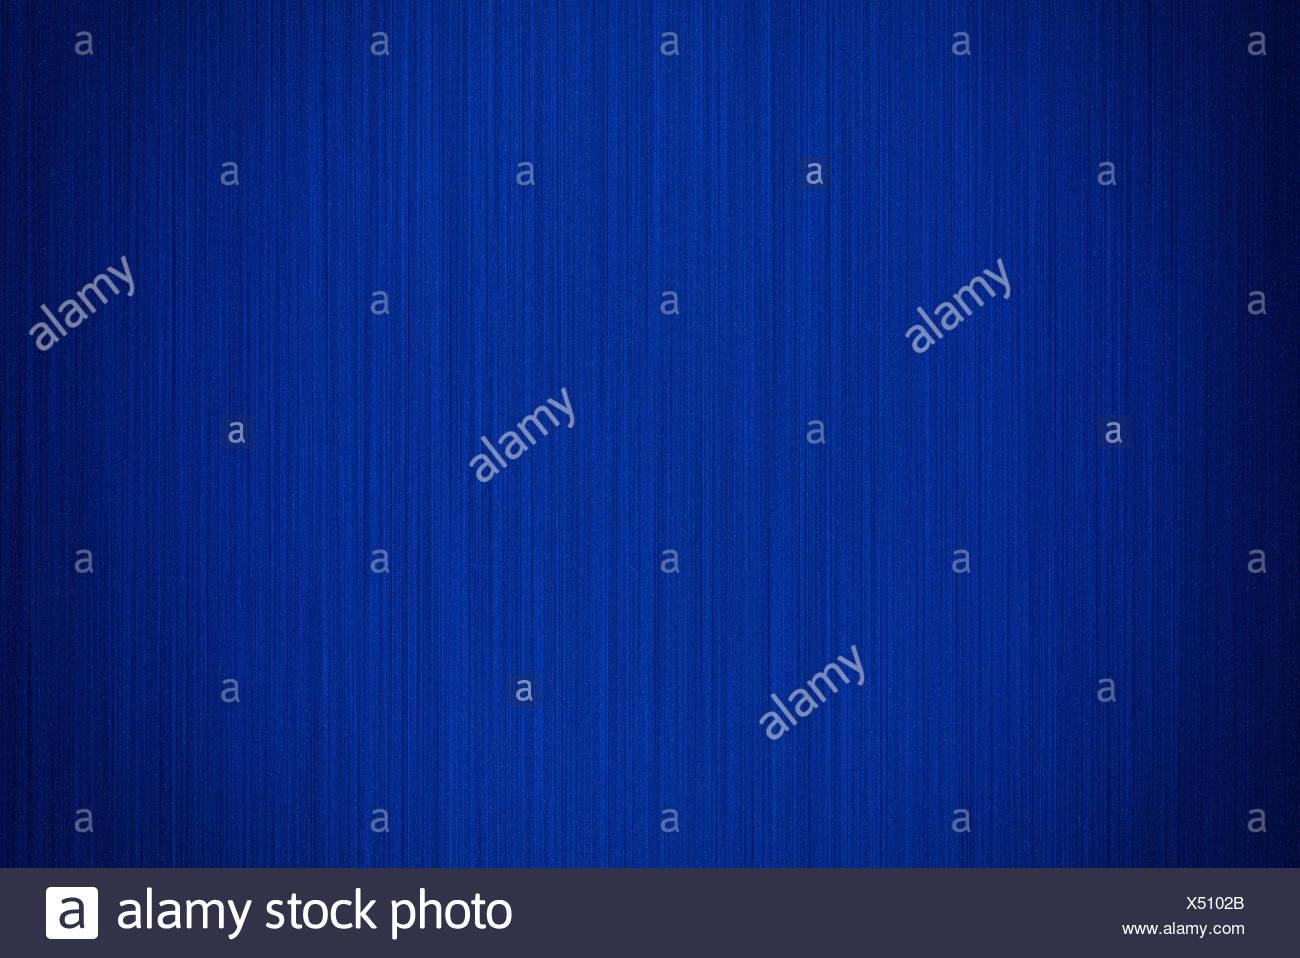 Sfondo Astratti Blu Notte Oscura Foto Immagine Stock 278461187